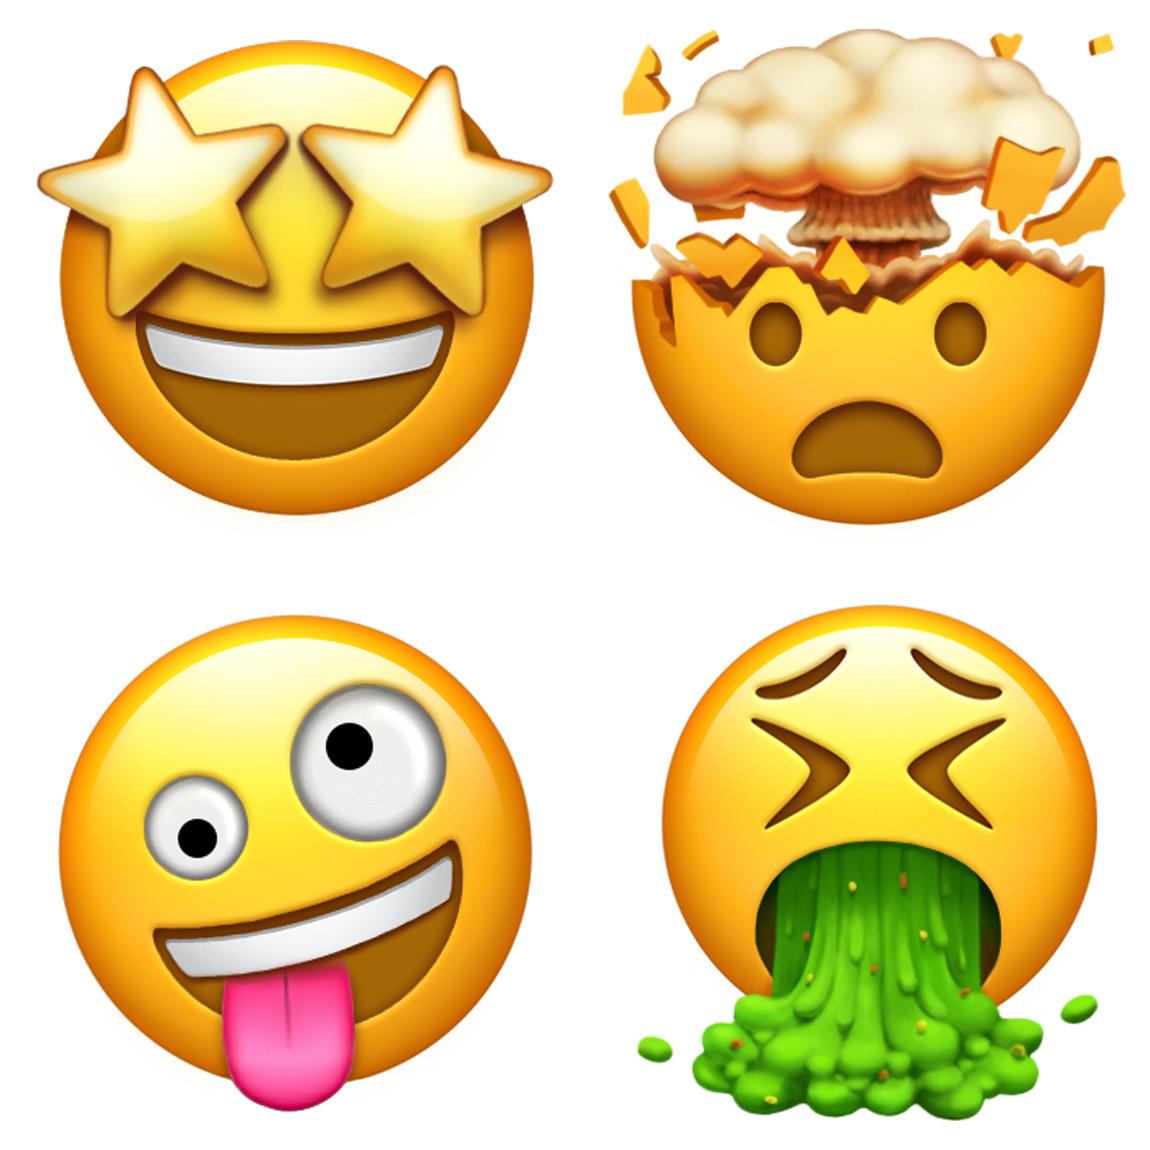 倒着的笑脸表情emoji图片